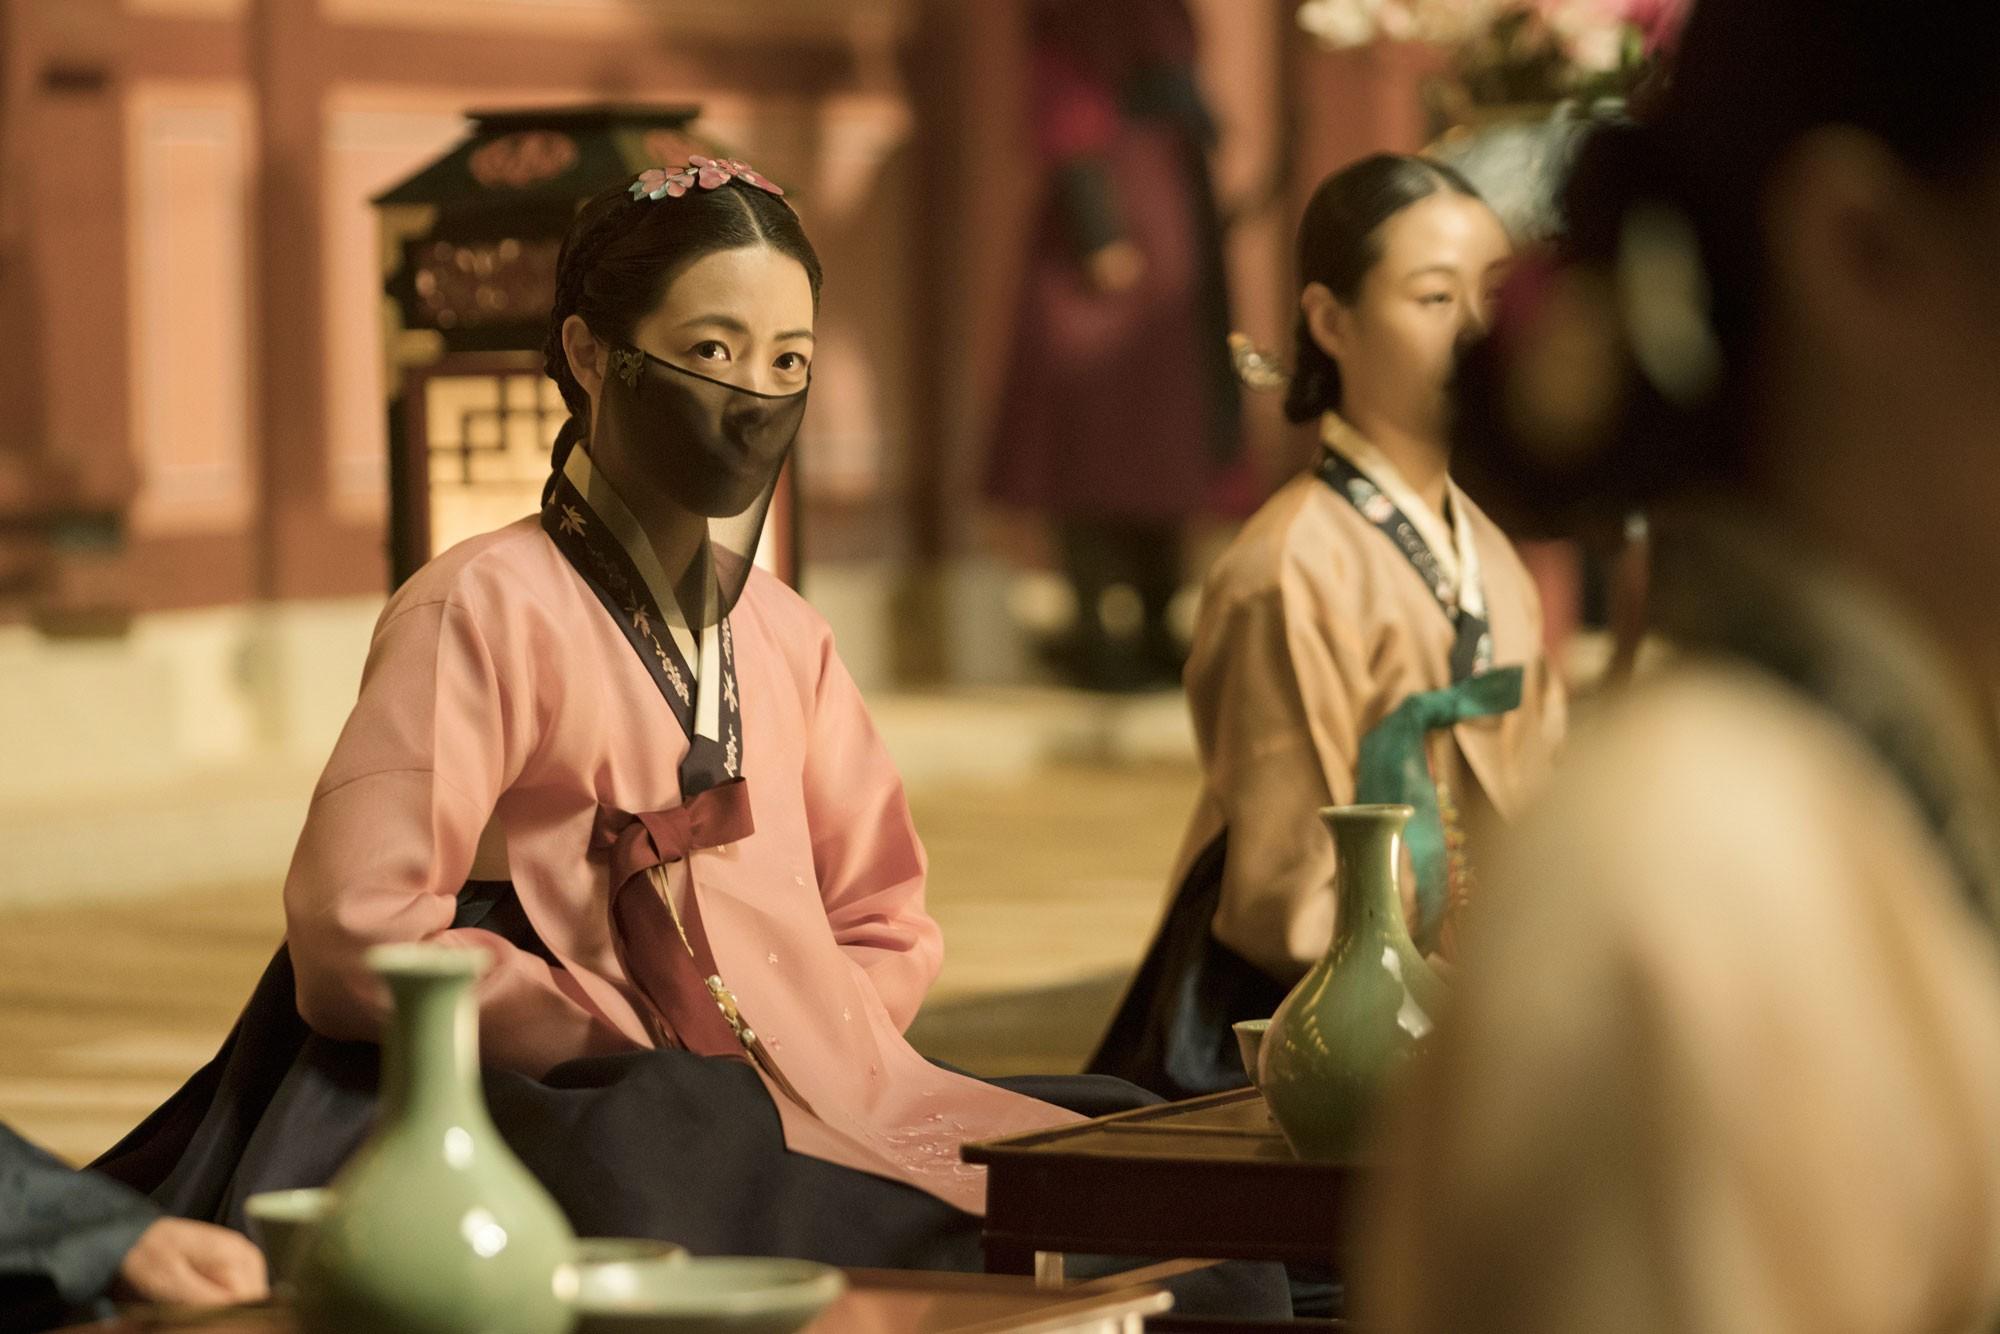 Phim mới của Lee Seung Gi: Khi con rể quốc dân cũng flop dập mặt vì quá thiếu muối - Ảnh 2.